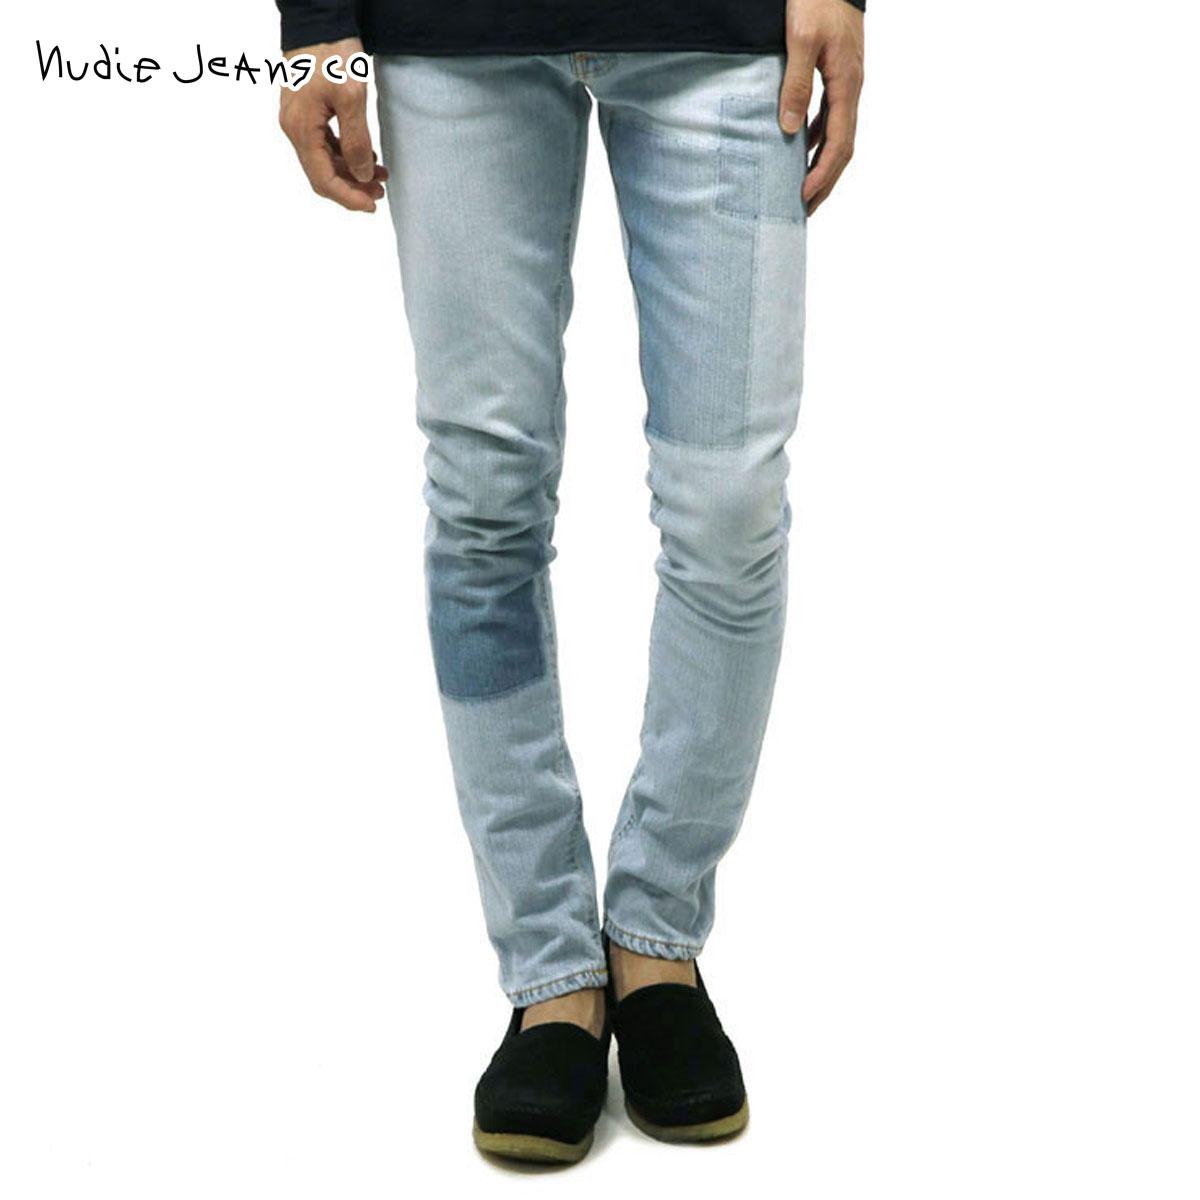 ヌーディージーンズ Nudie Jeans 正規販売店 メンズ ジーンズ LEAN DEAN INDIGO STRIP 766 1124730